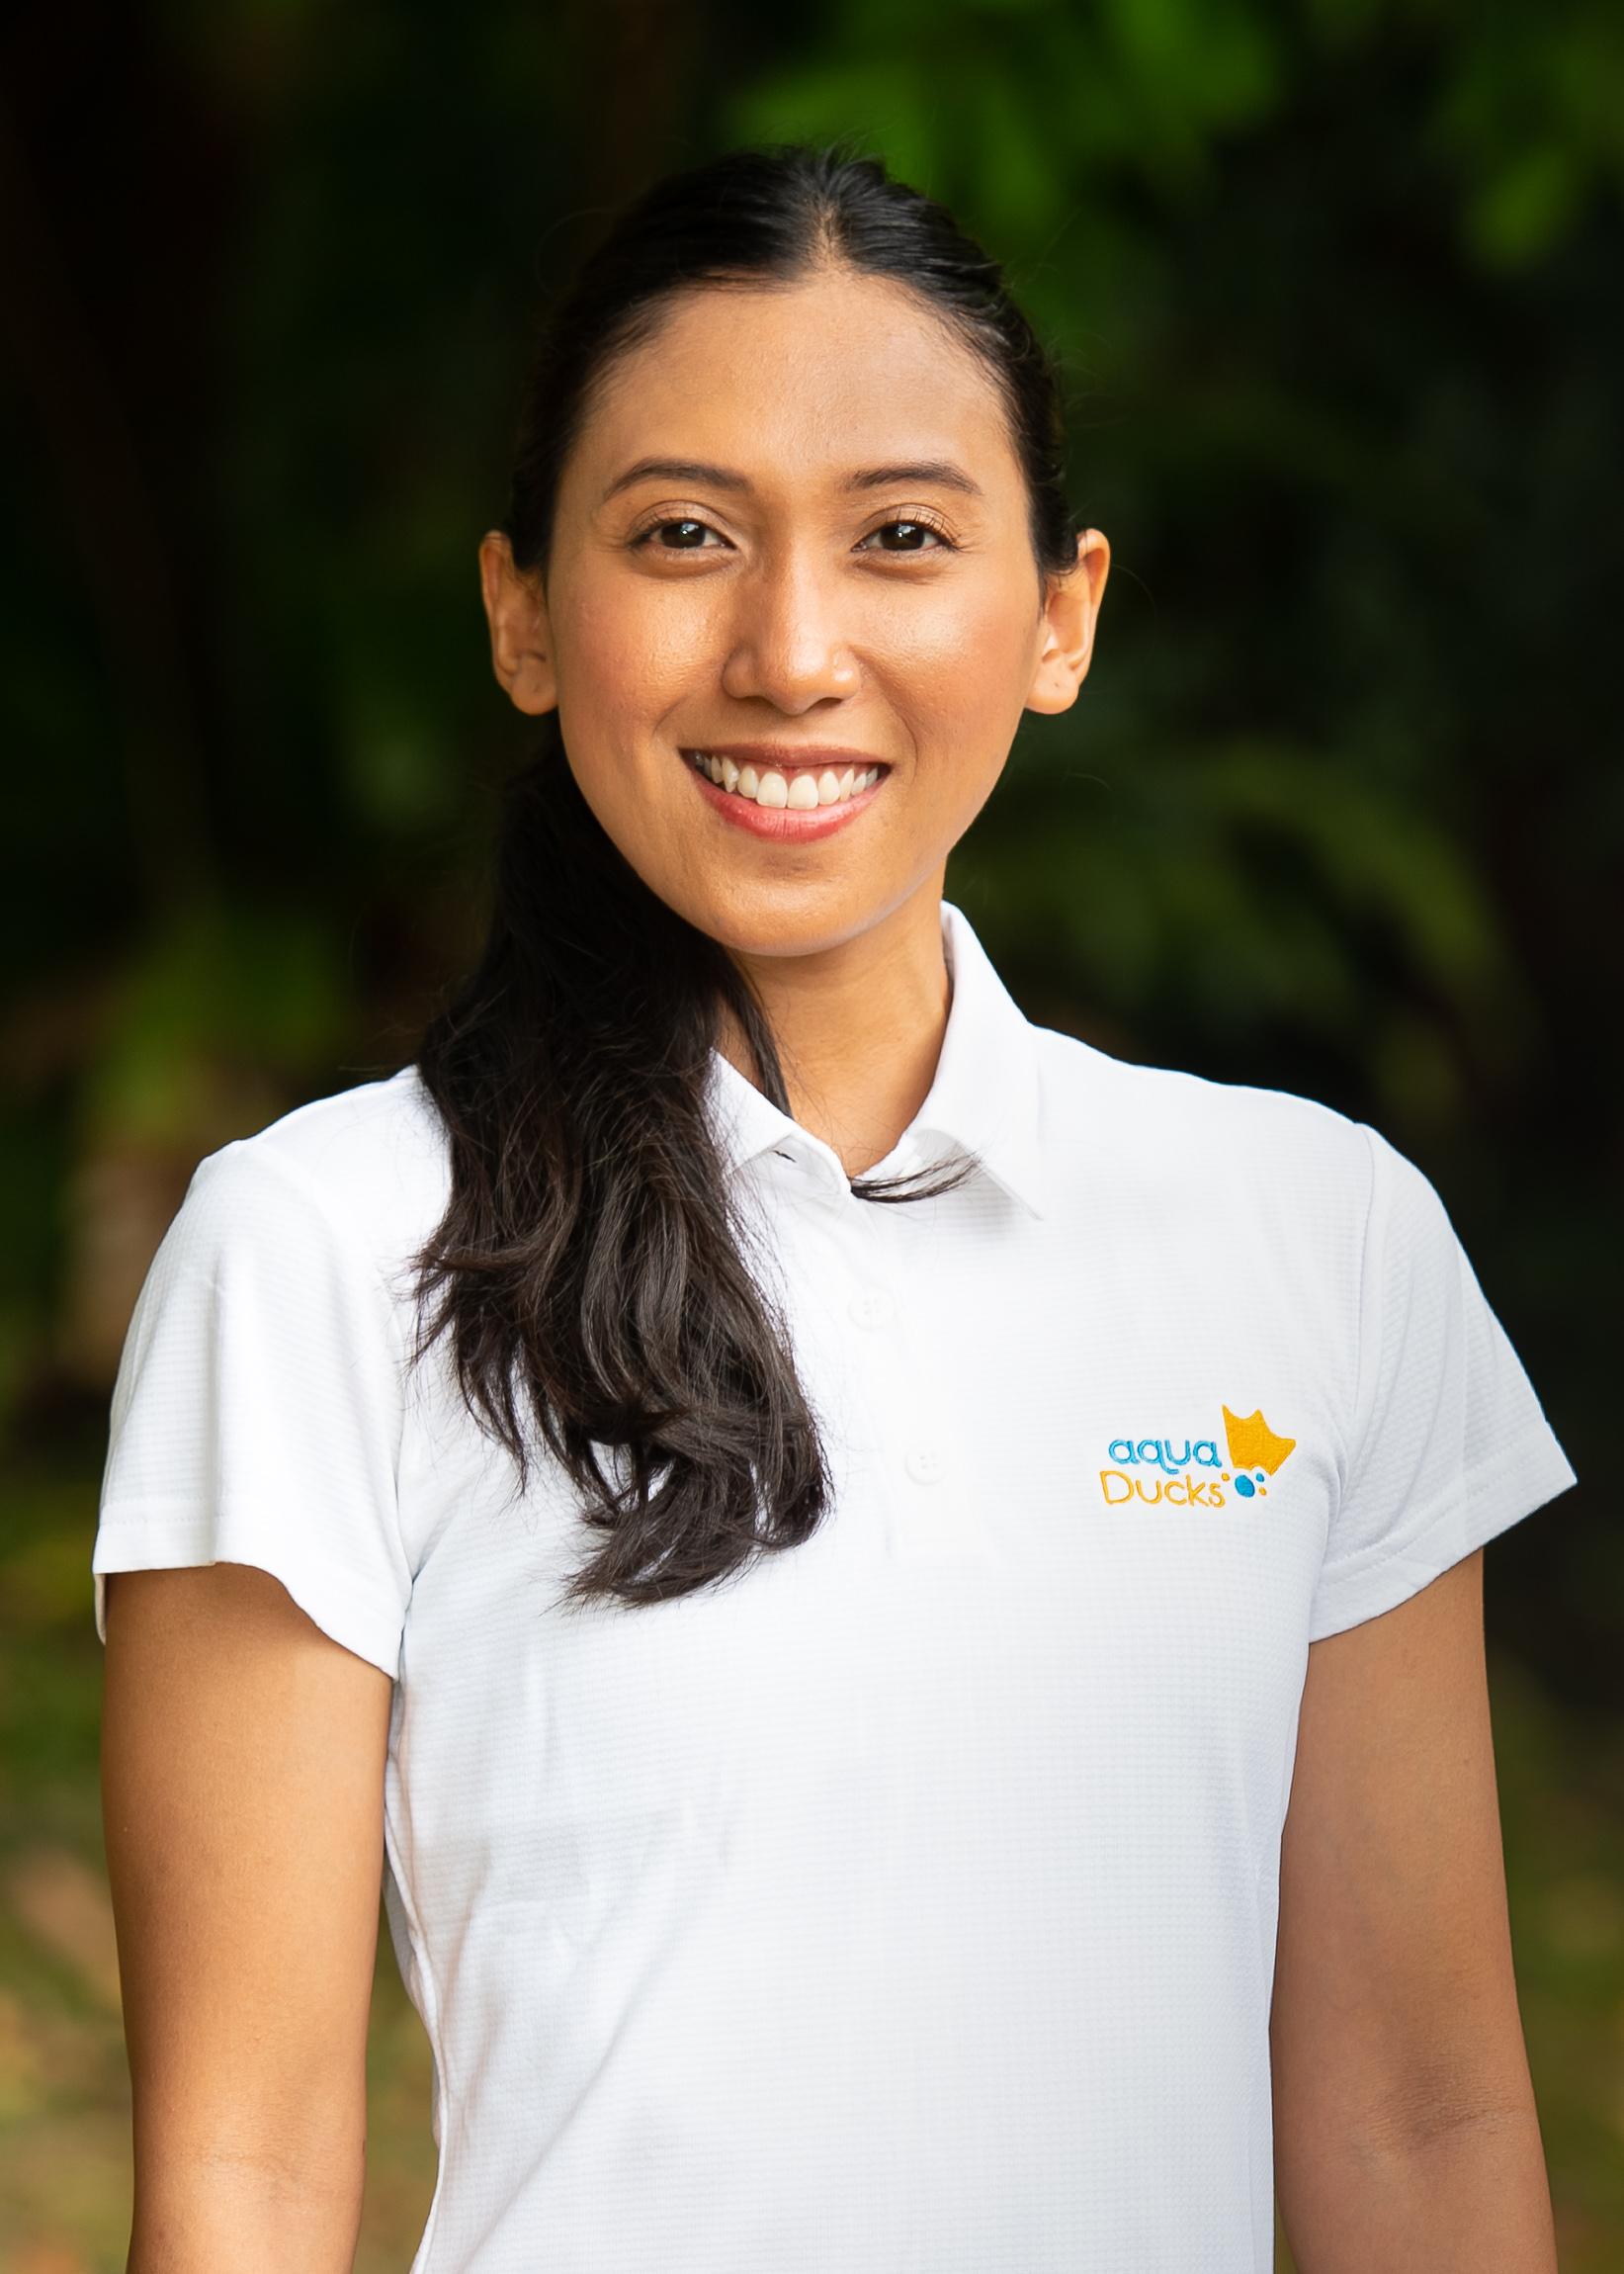 aquaDucks | Our Team - Anggun